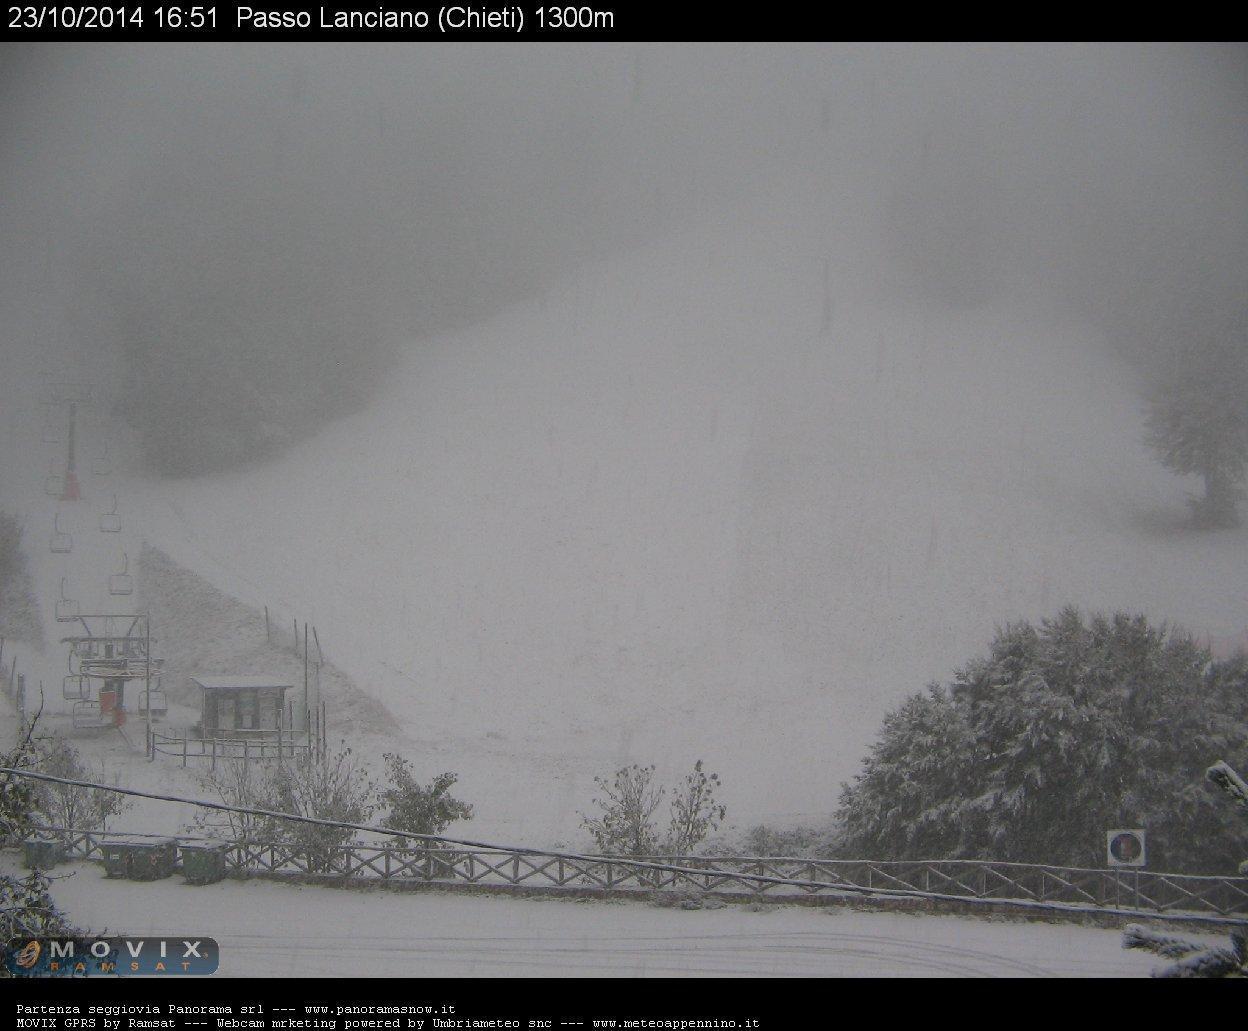 Nuove forti nevicati sull'Appennino. Passo Lanciano